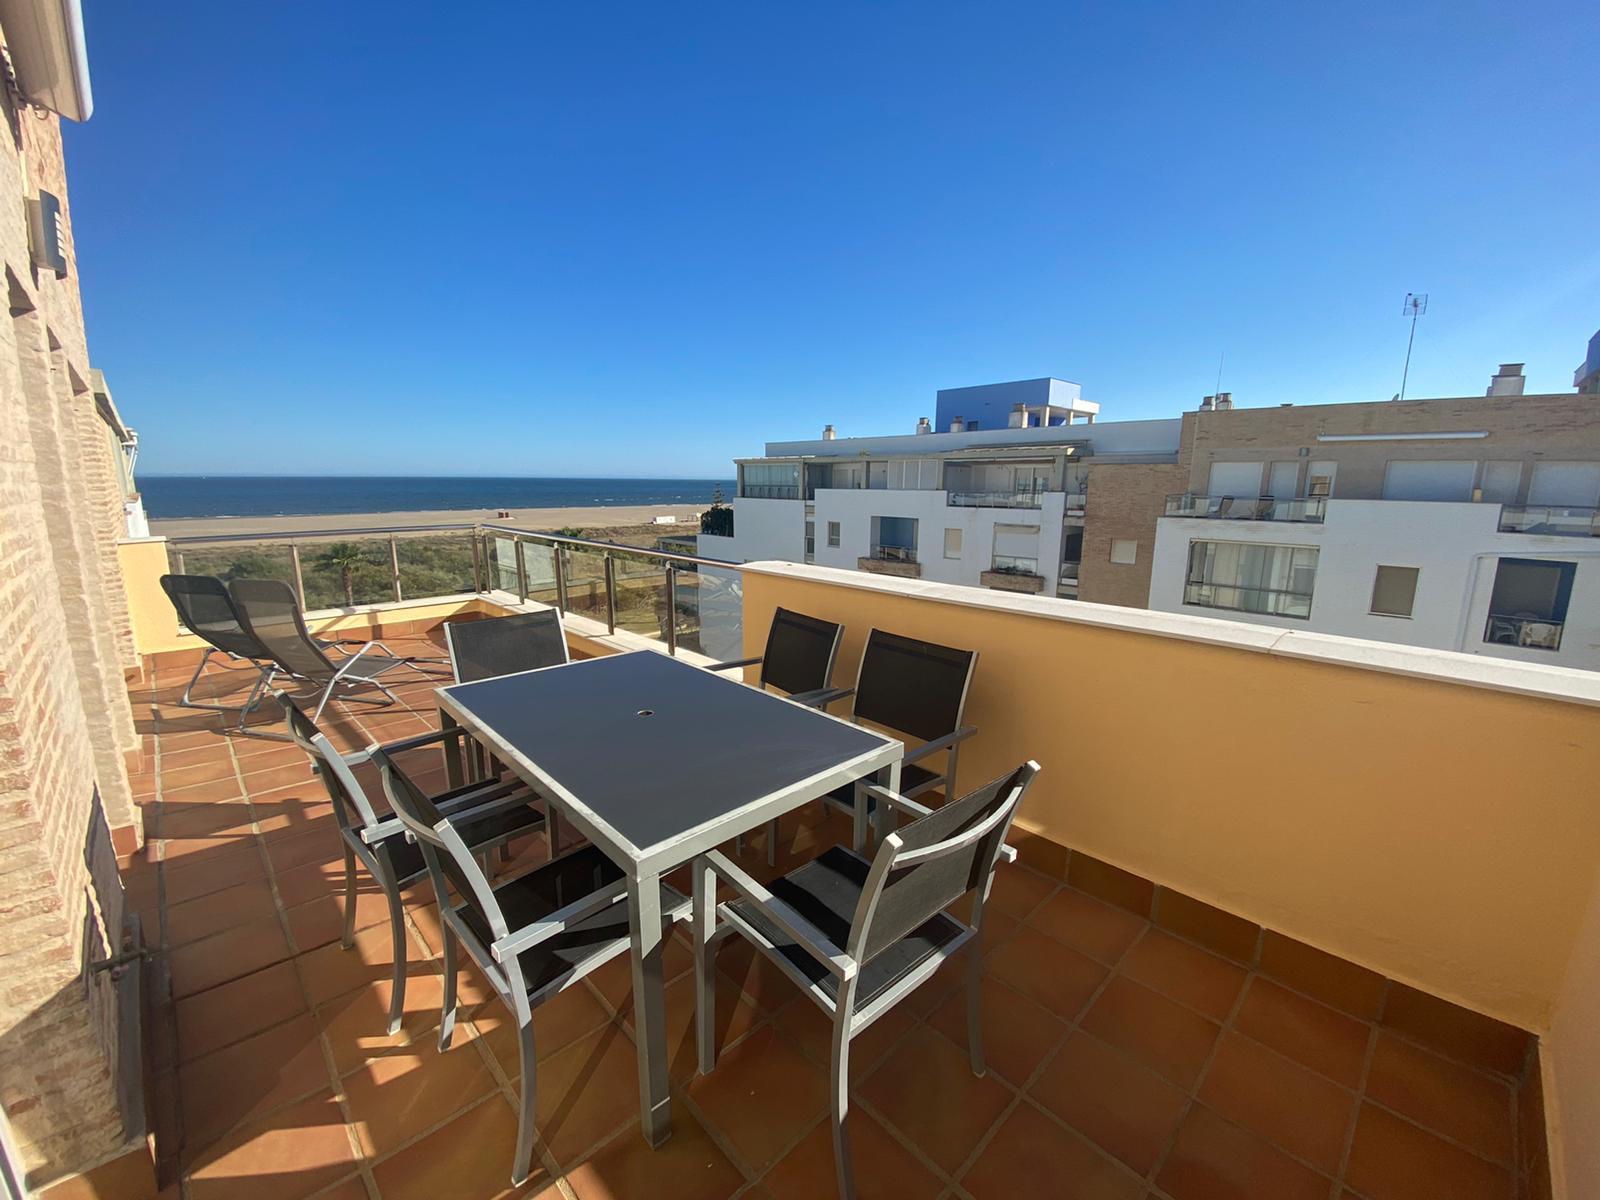 Imagen 49 del Apartamento Turístico, Ático 1 Levante (3d+2b), Punta del Moral (HUELVA), Paseo de la Cruz nº22